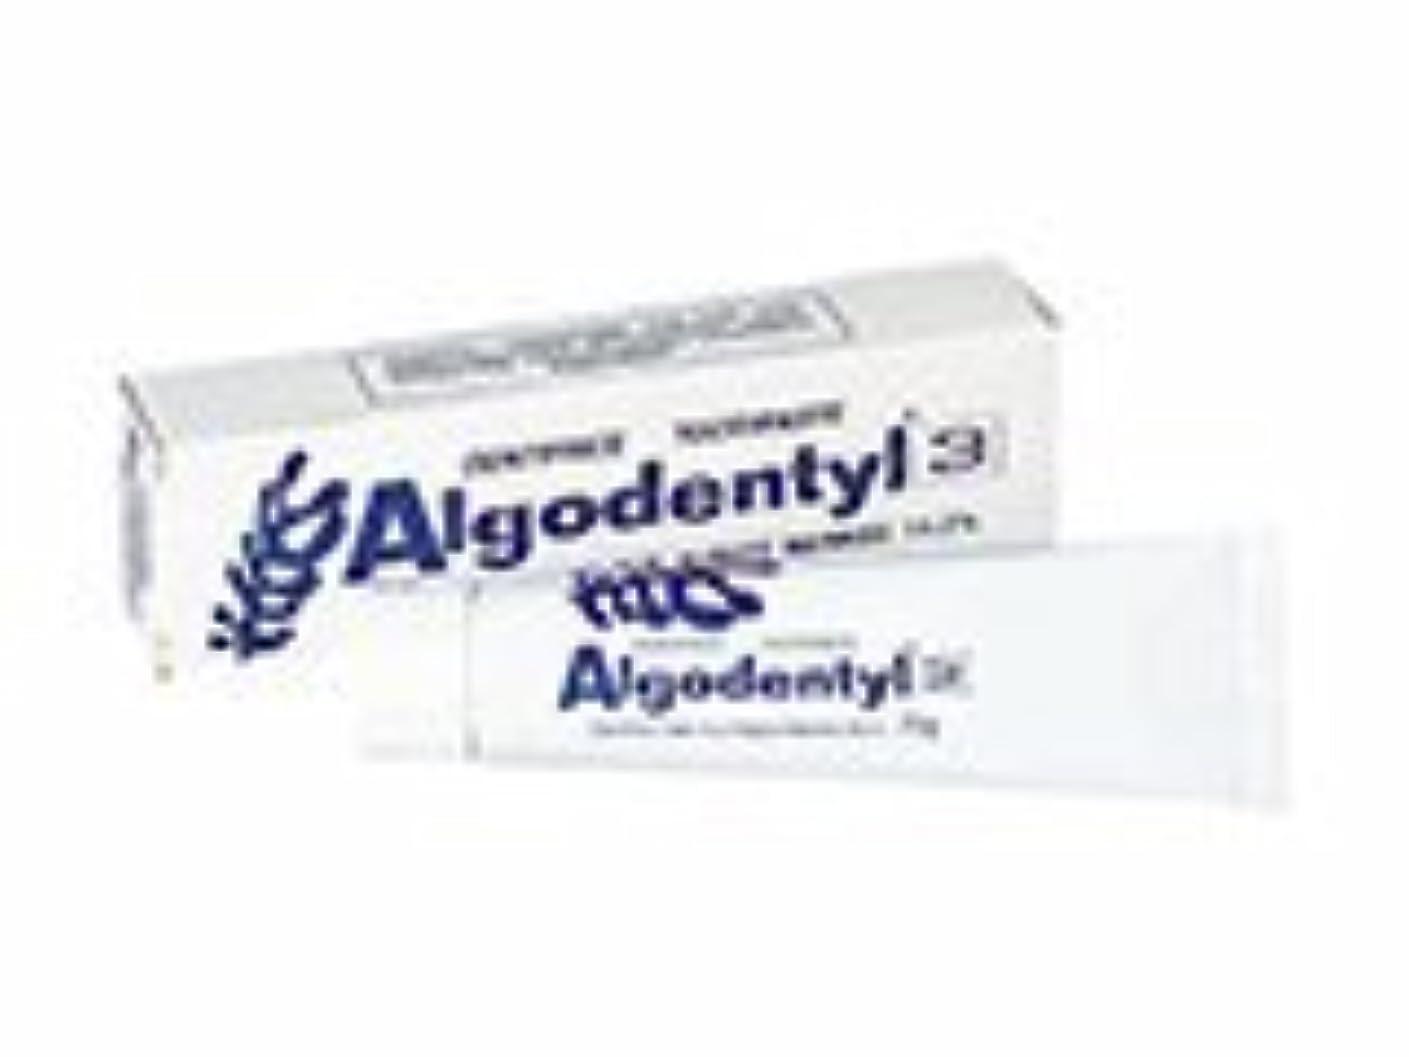 容量極めて重要な税金ミキ アルゴデンティル3 薬用歯磨き 75g x 6本セット